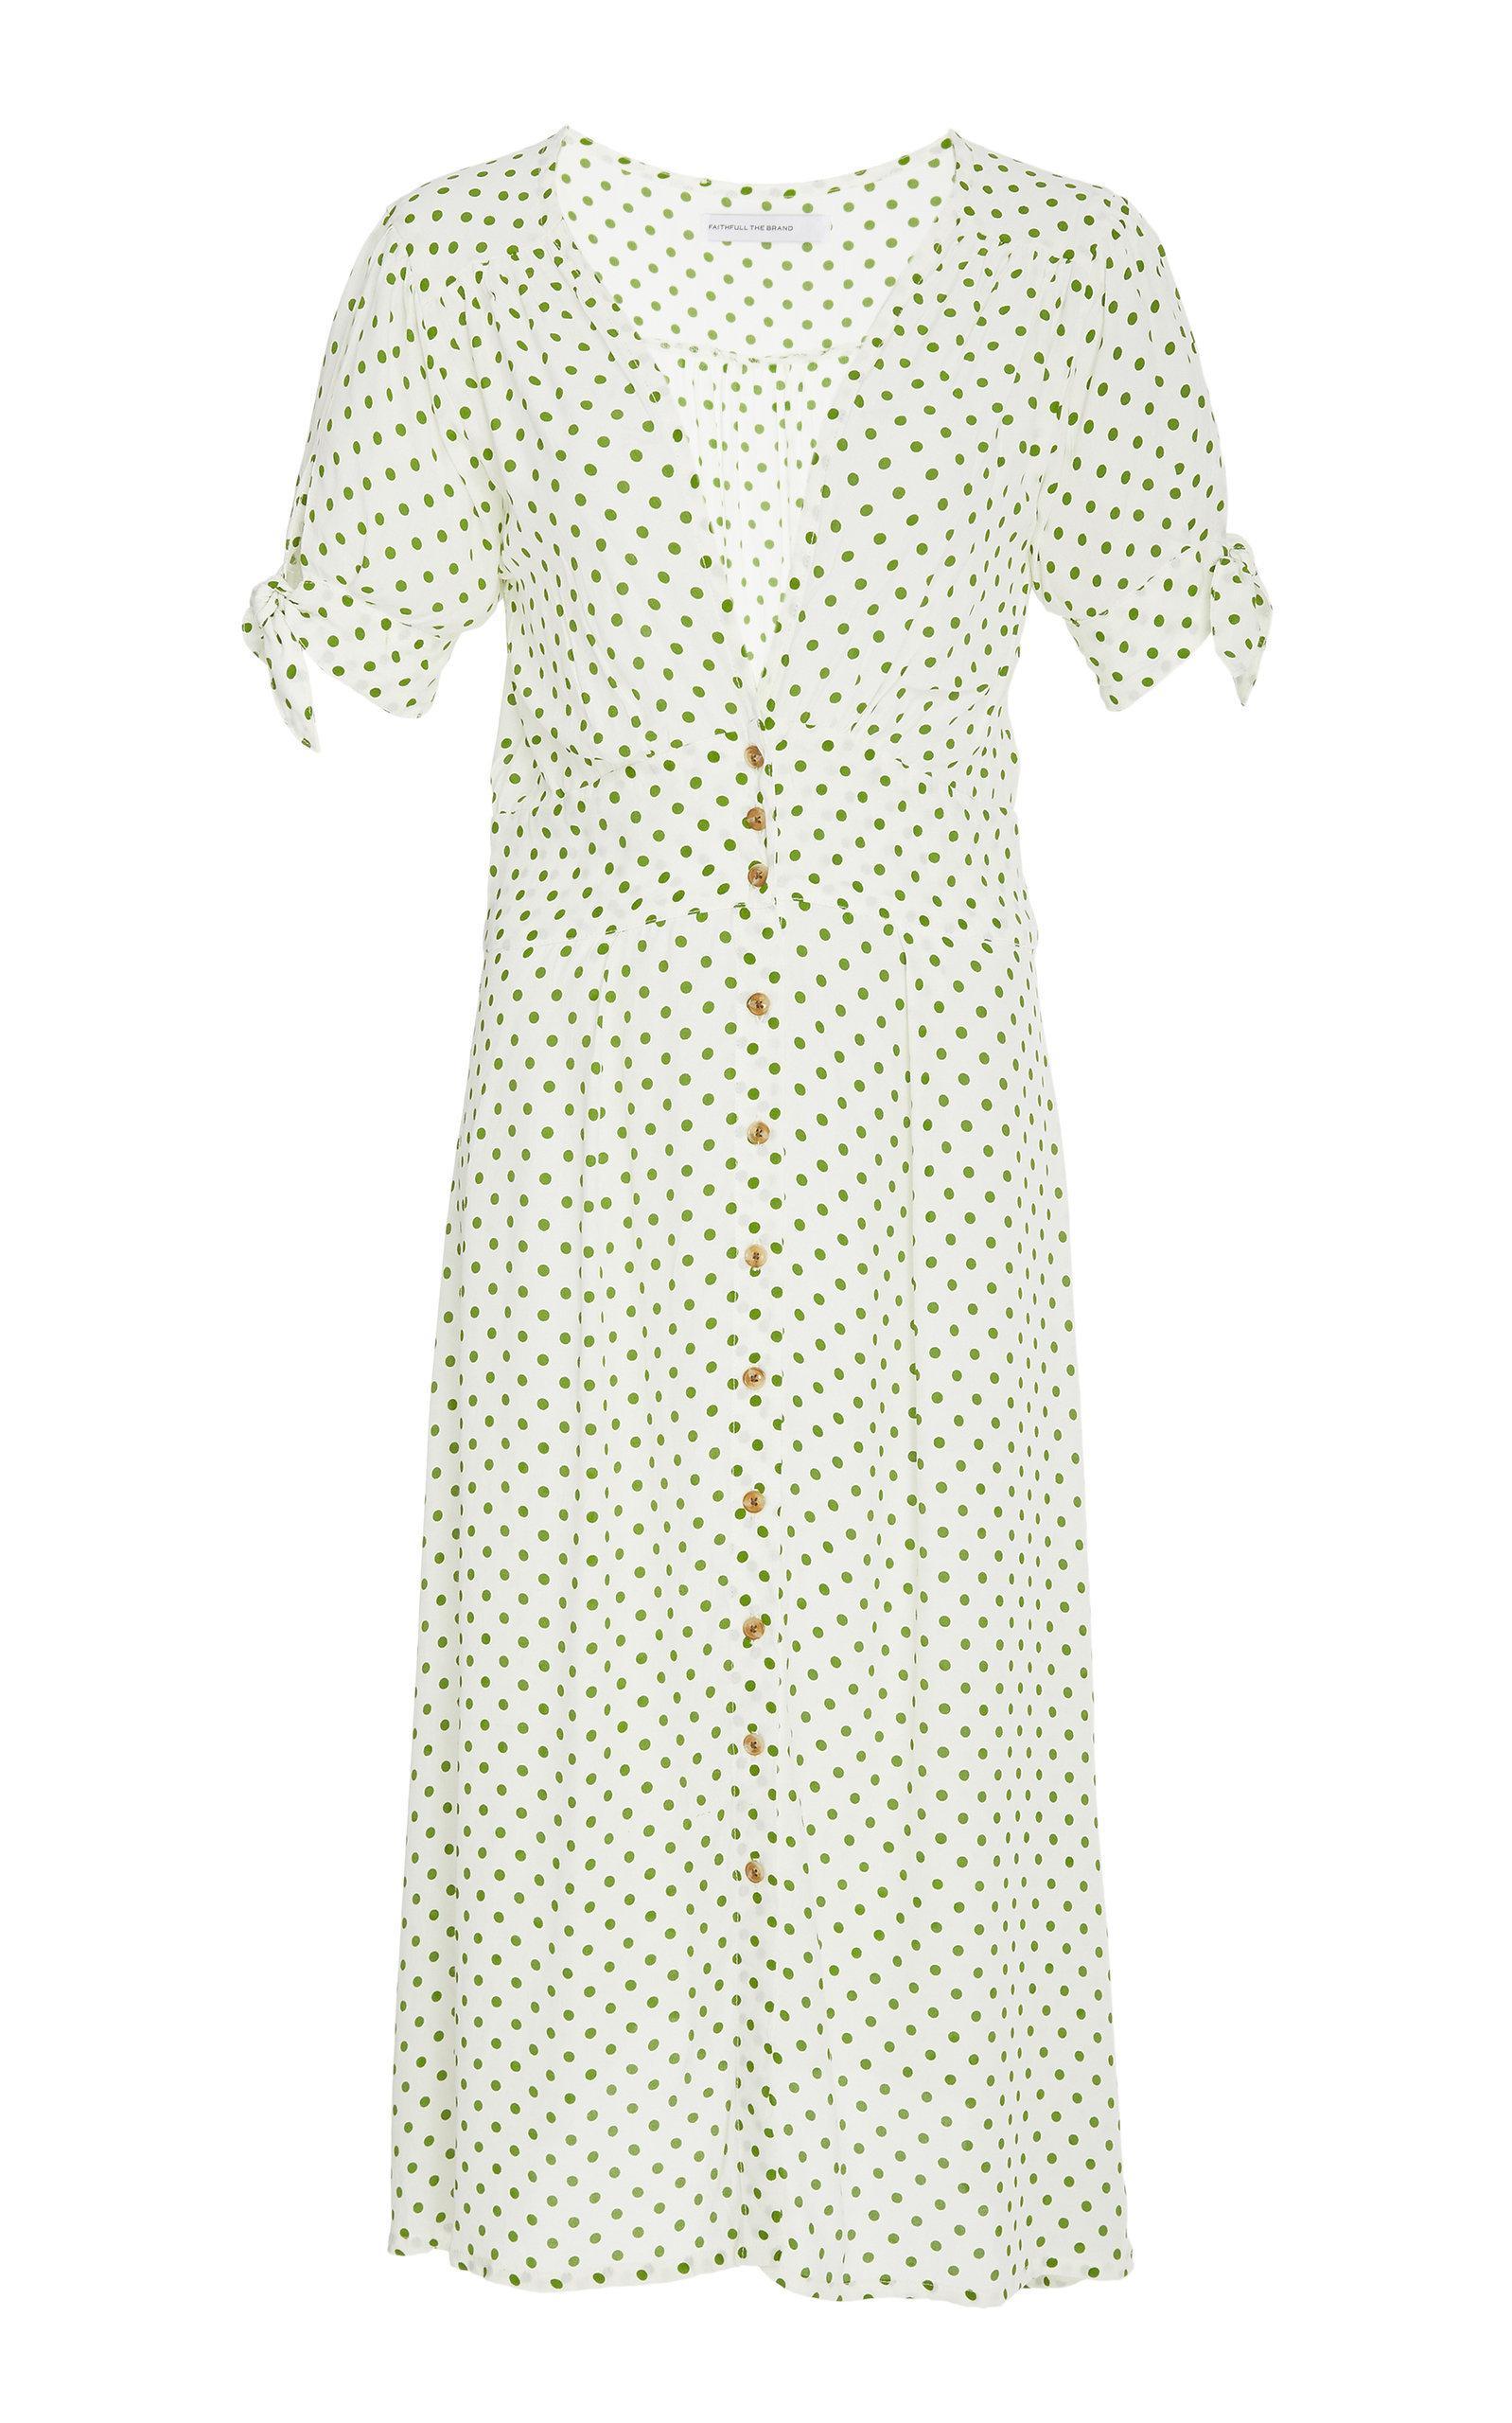 Faithfull Billie Short Sleeve Midi Dress In Print